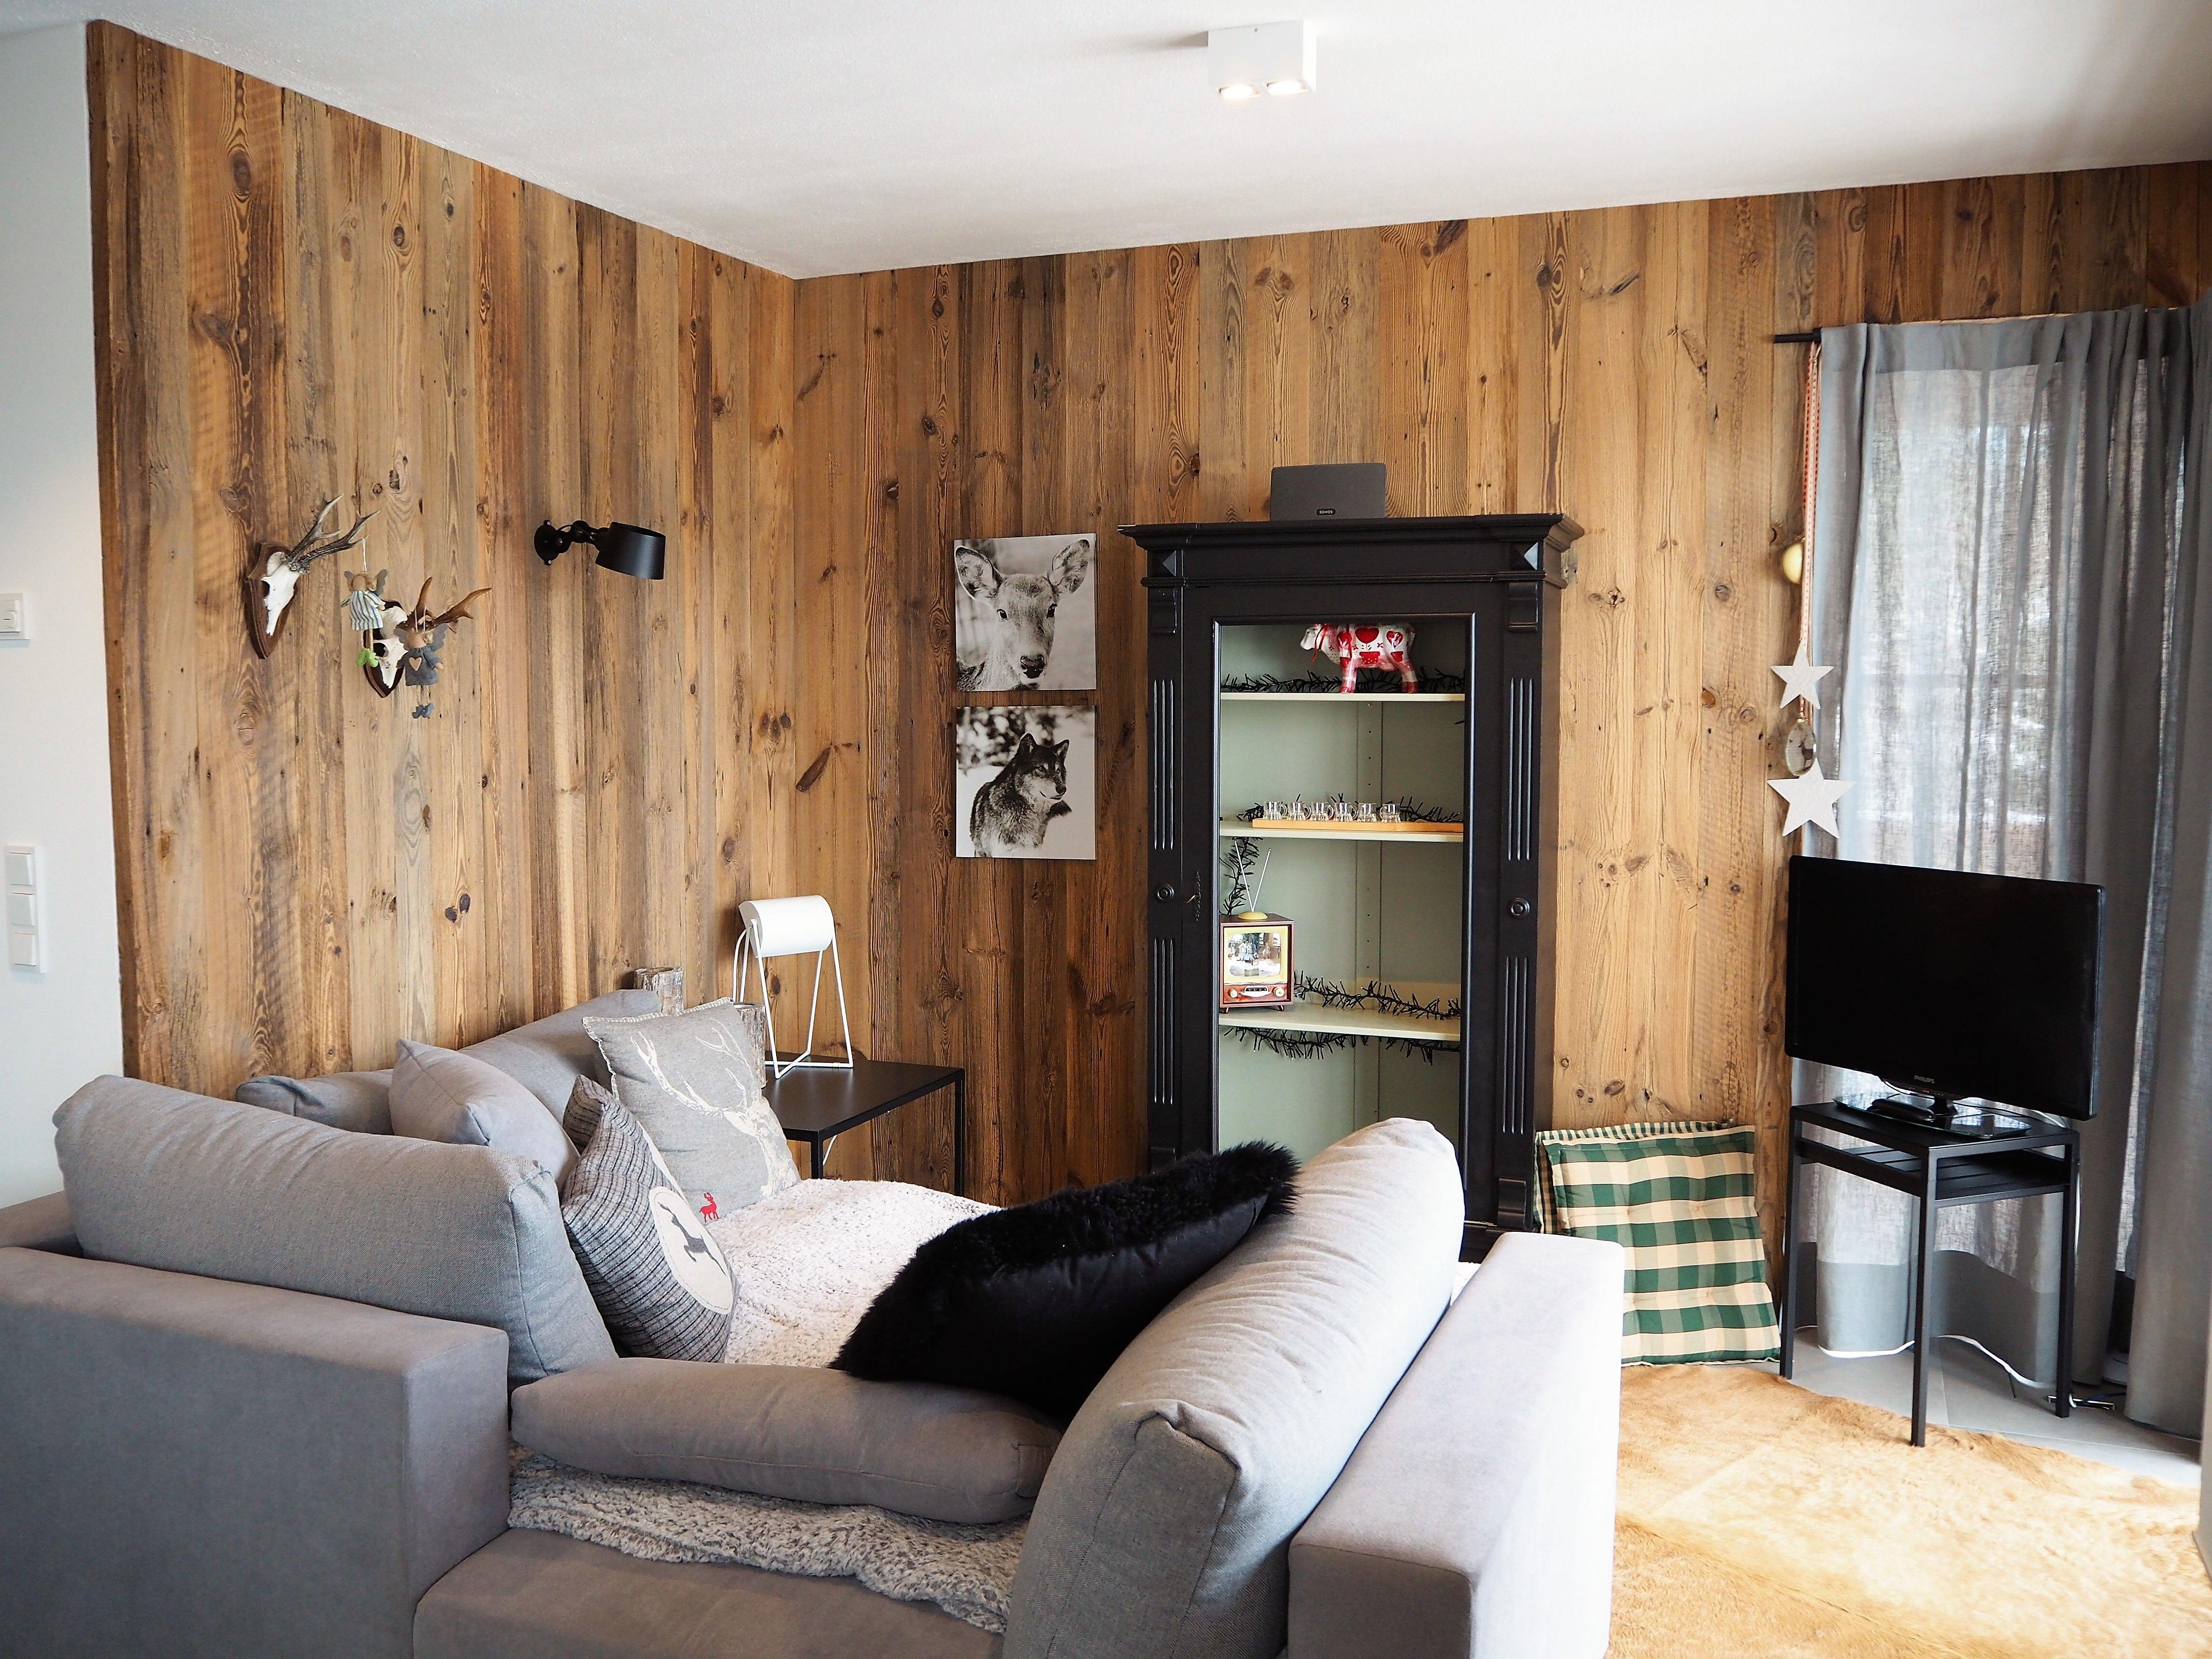 Künstlerisch Wohnzimmer Idee Galerie Von Altholz Schalung Aus Original Sonnenverbranntem Altholz. #altholz